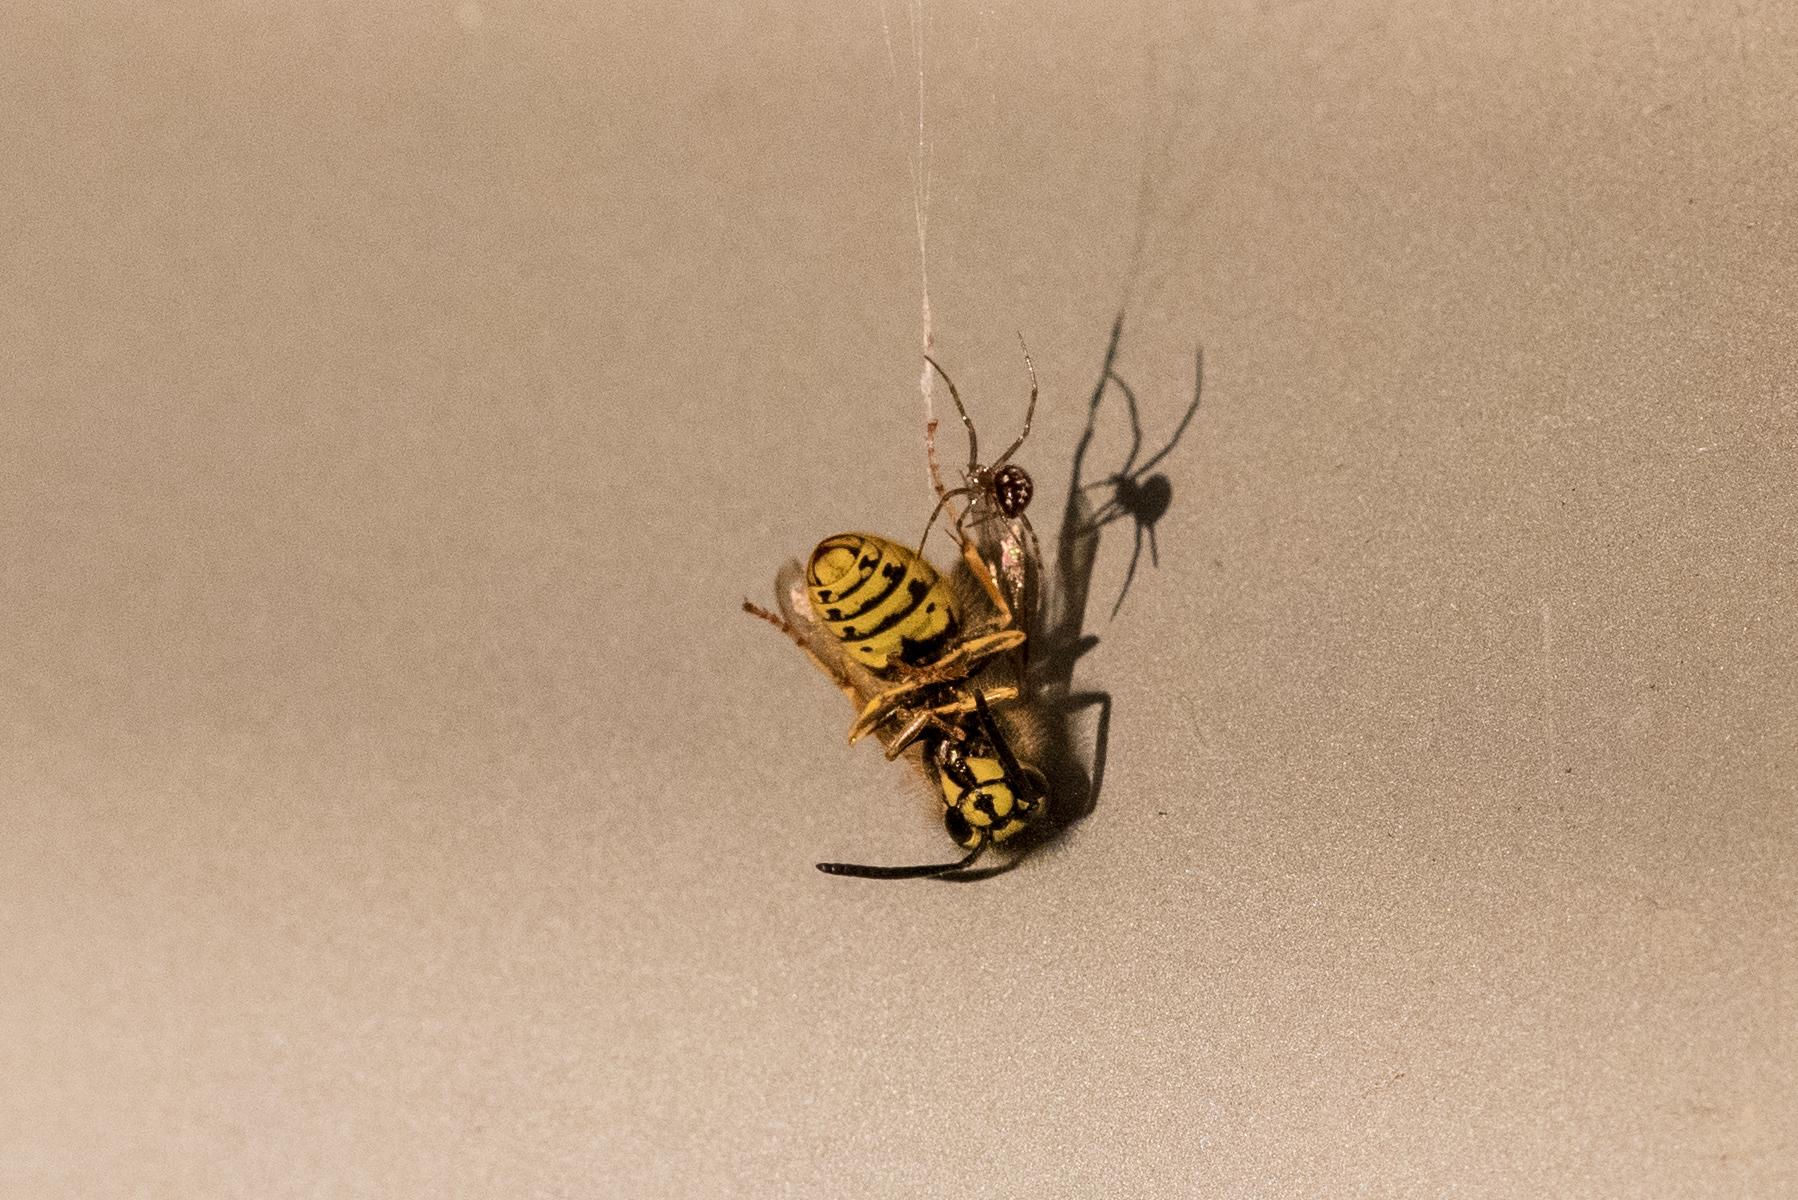 Tod einer Wespe oder klein David gegen klein Goliath